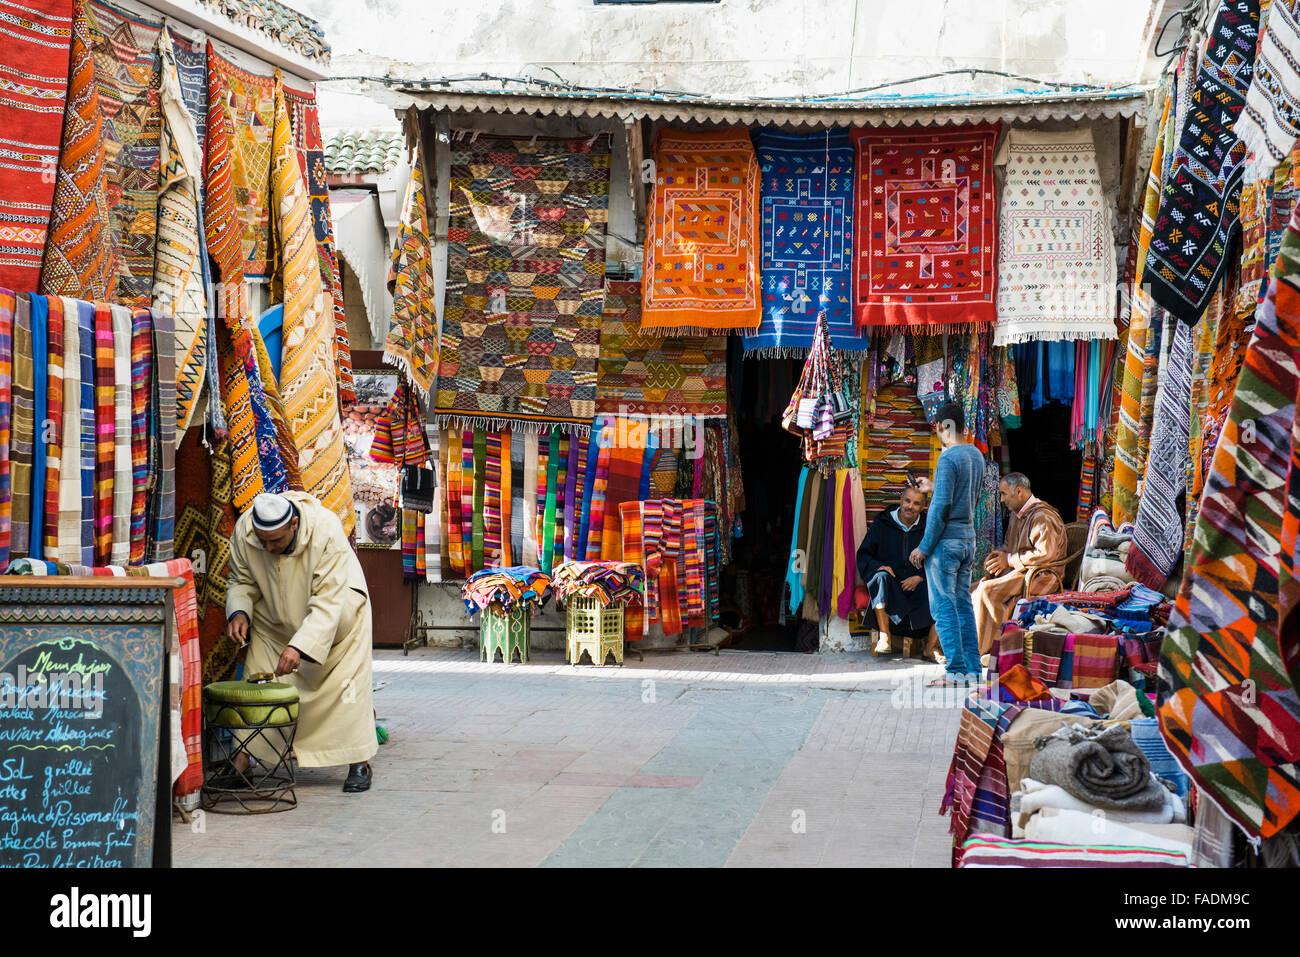 Teppichhändler in der Altstadt, Essaouira, Marokko Stockbild